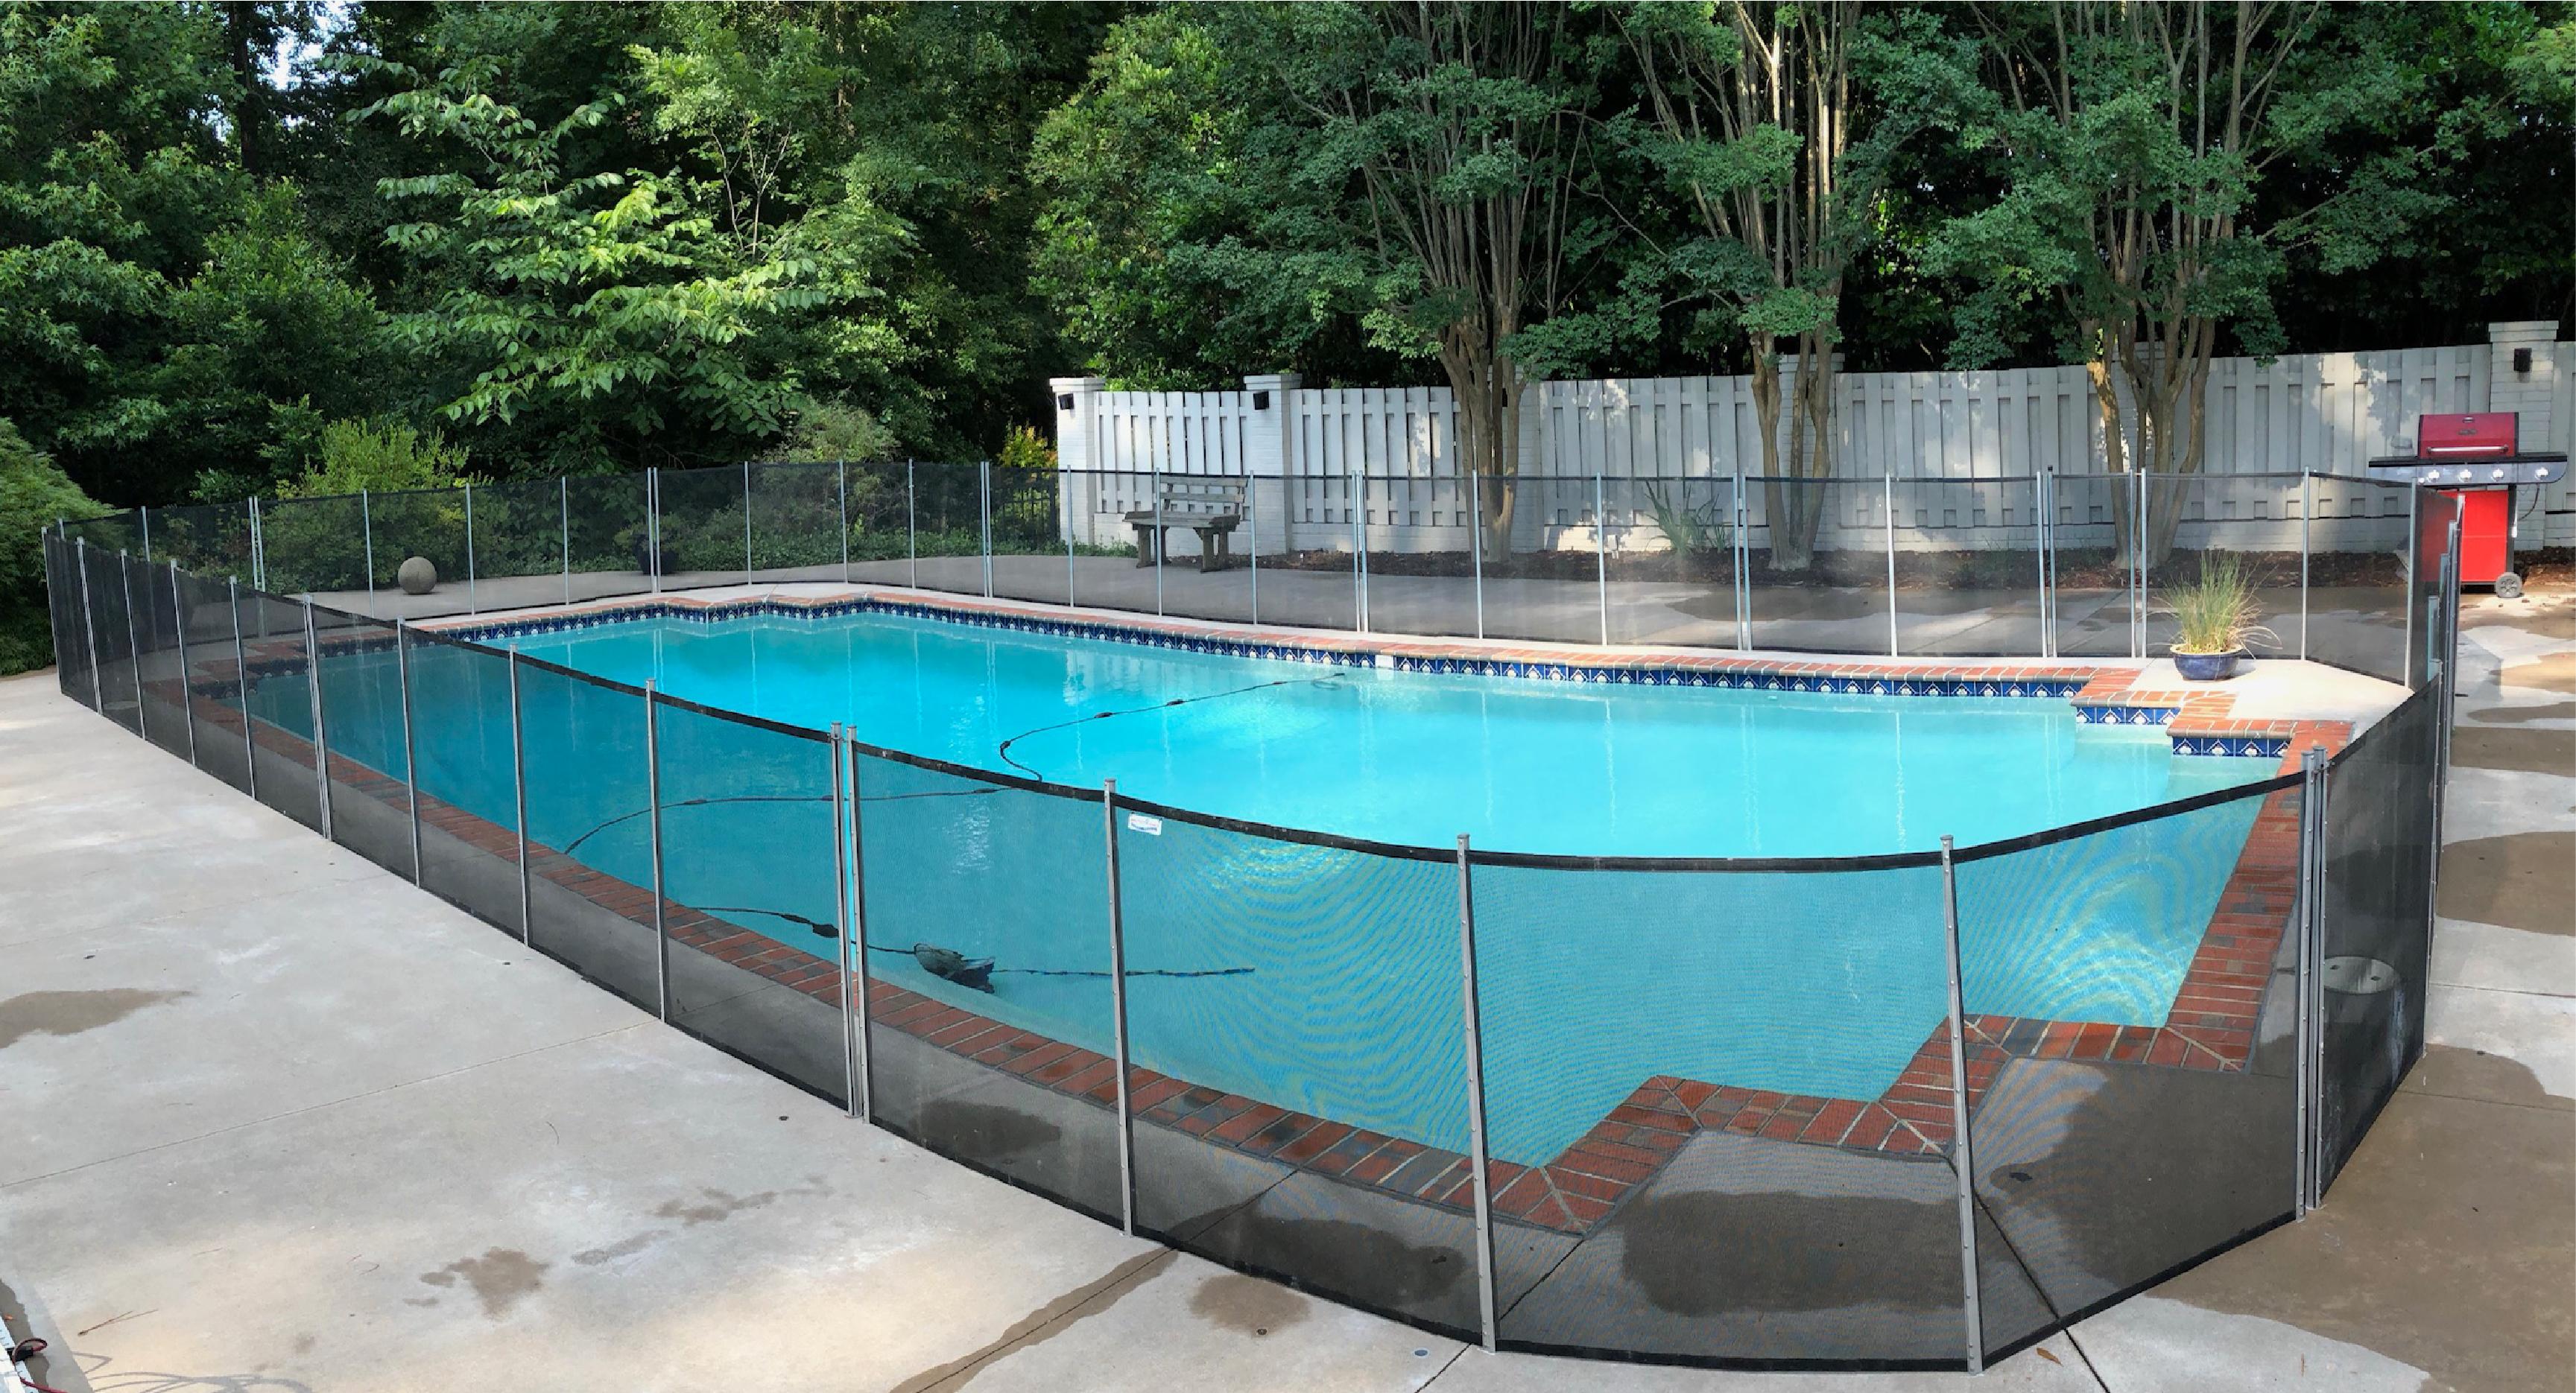 Pool Fence Vintage